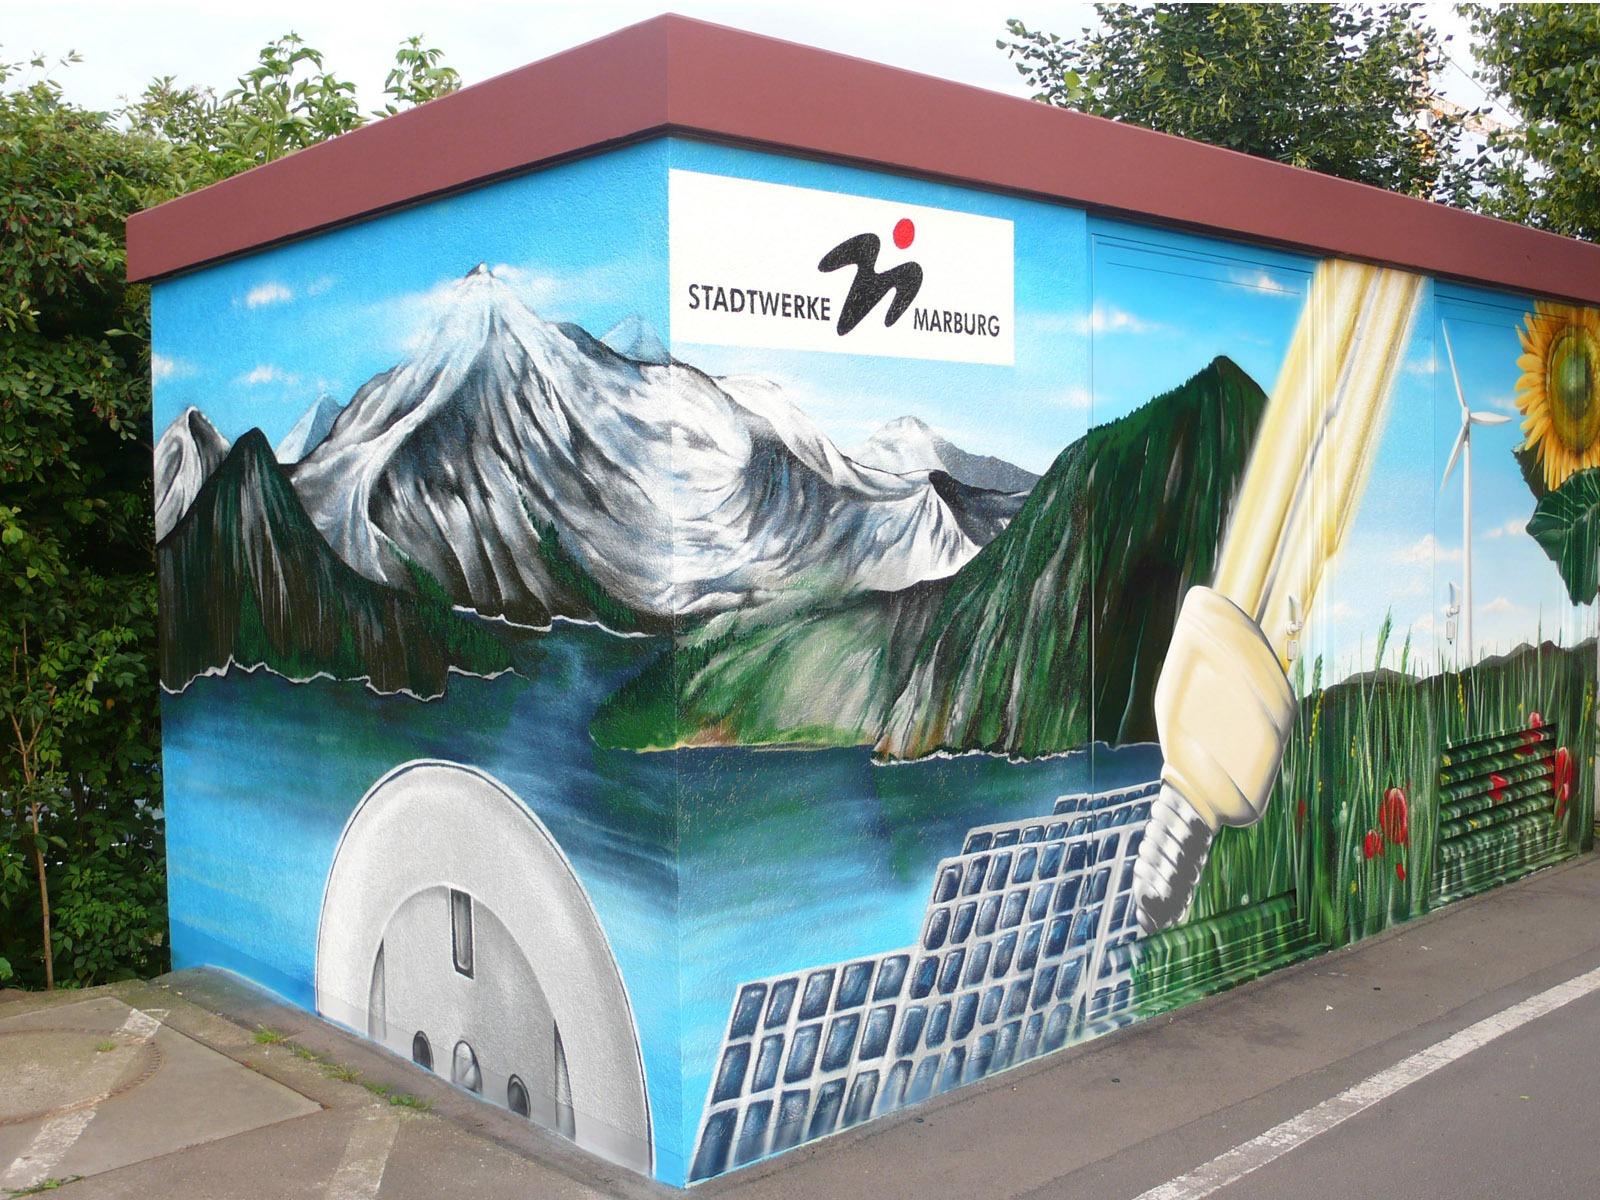 graffitiauftrag_graffitikuenstler_artmos4_stadtwerke_marburg_landschaft_pflanzen_fotorealistisch_energie